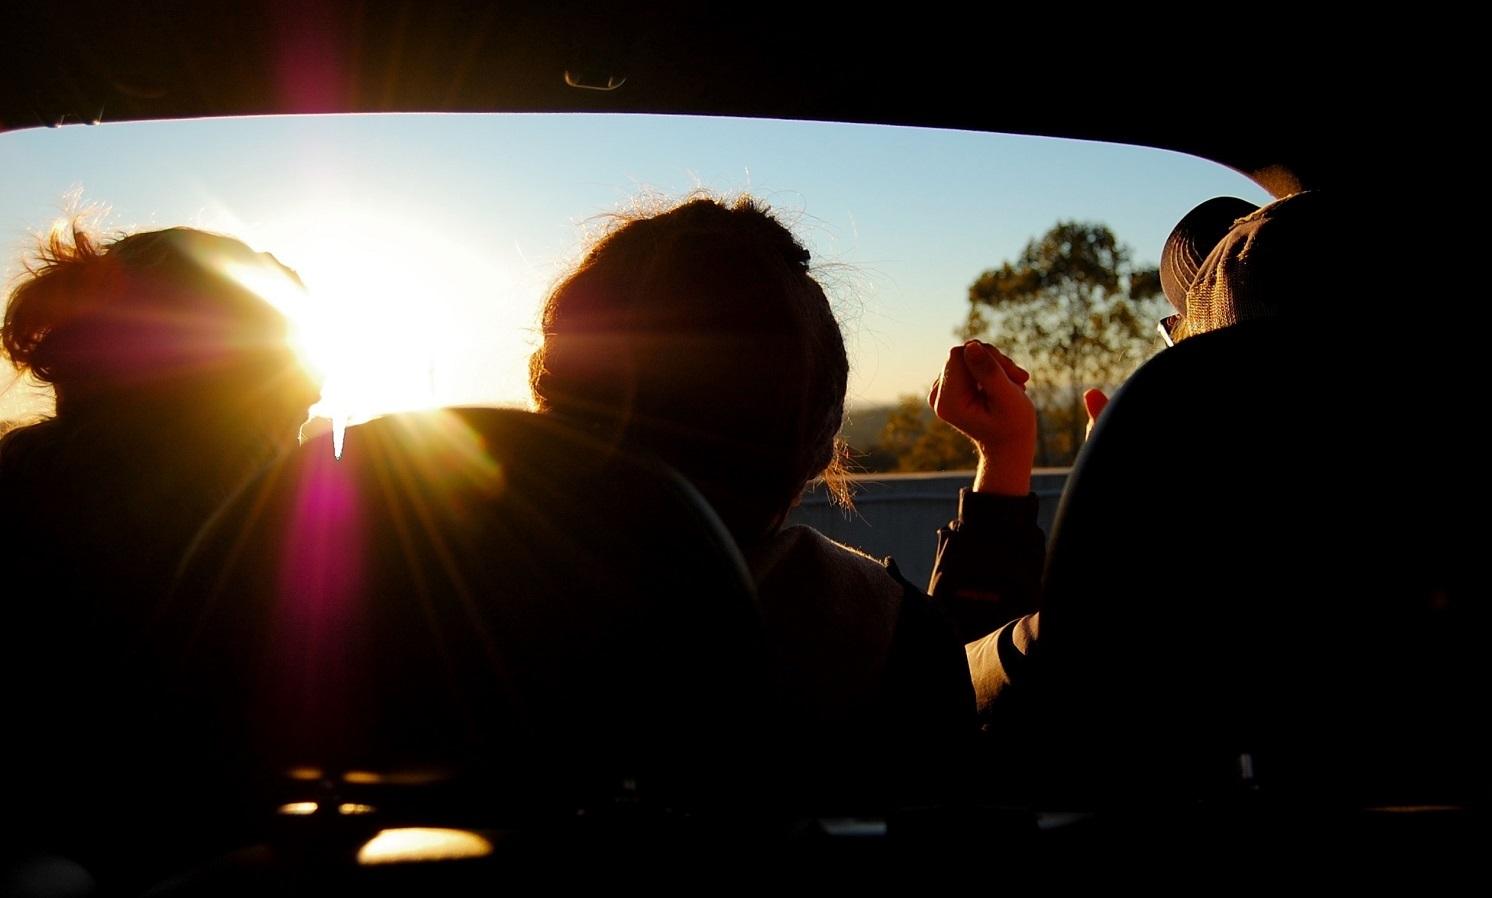 Độc chiêu đóng mở cửa xe quạt mát khoang lái ô tô dưới nắng nóng